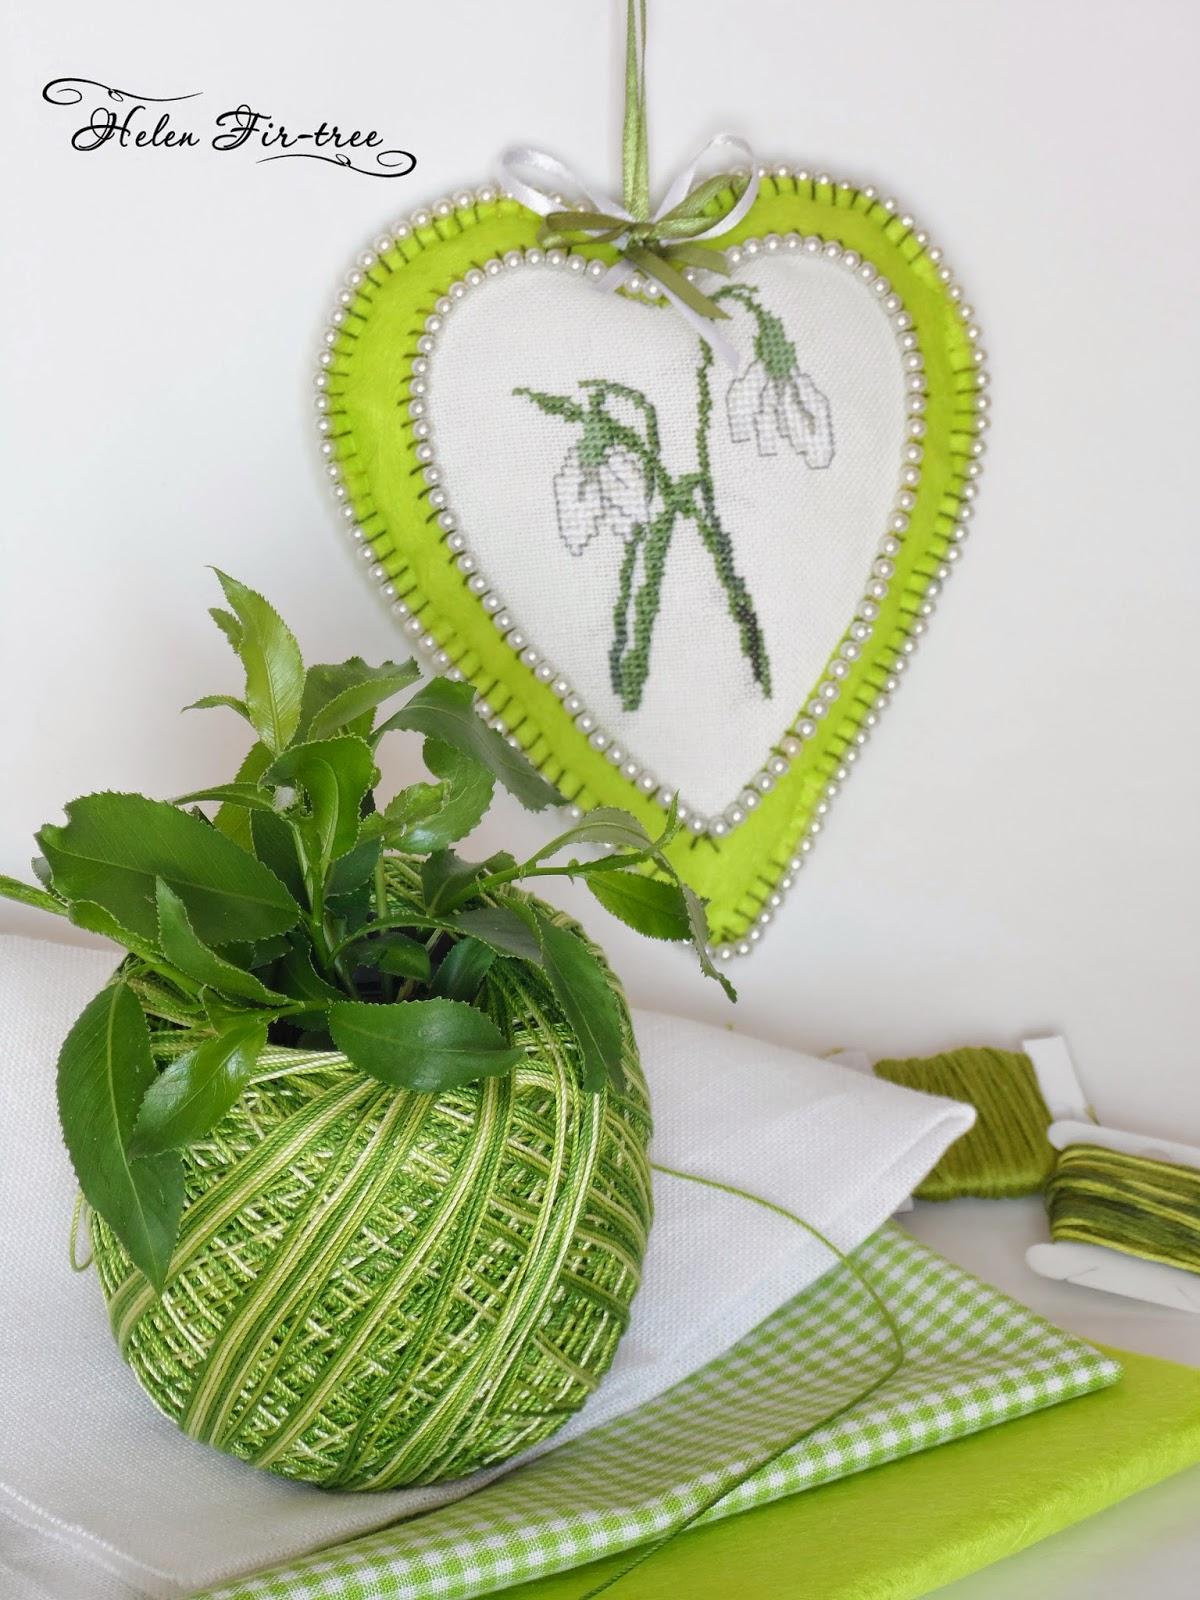 Helen Fir-tree вышивка игольница первоцветы embroidery needle bar primroses